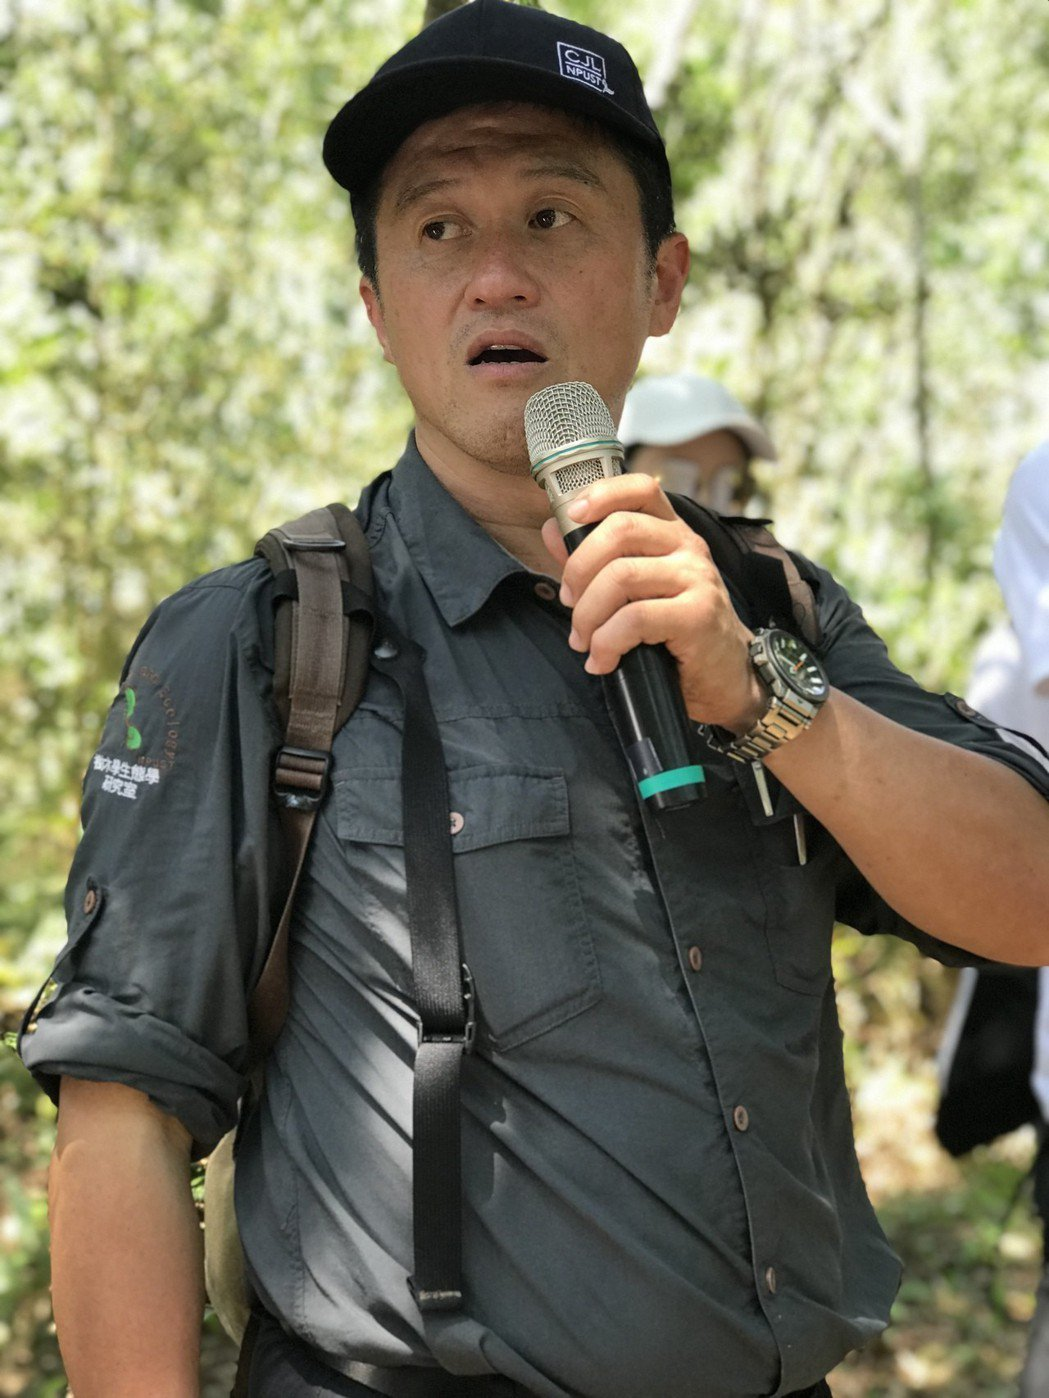 屏科大森林系主任王志強說,人一生一定至少要種一棵樹。 攝影/張世雅